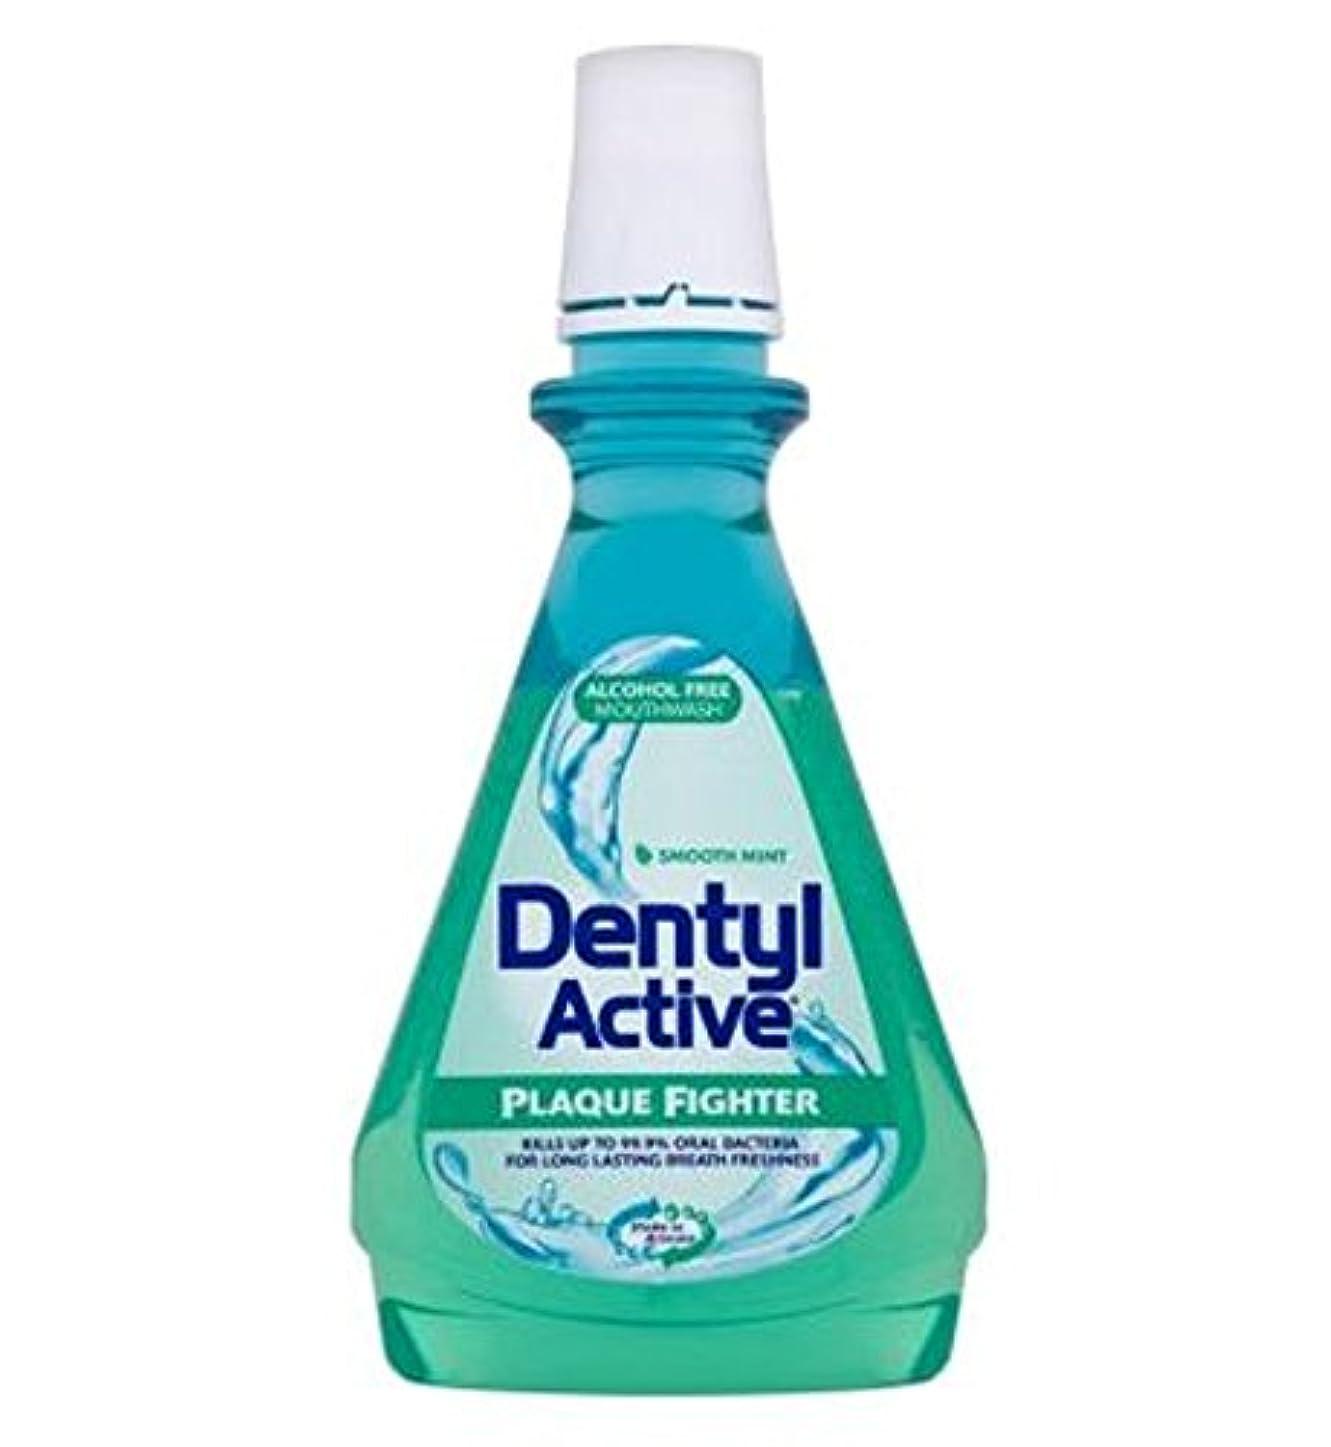 君主航空まばたきDentylアクティブな滑らかなミントマウスウォッシュ500ミリリットル (Dentyl) (x2) - Dentyl Active Smooth Mint Mouthwash 500ml (Pack of 2) [並行輸入品]